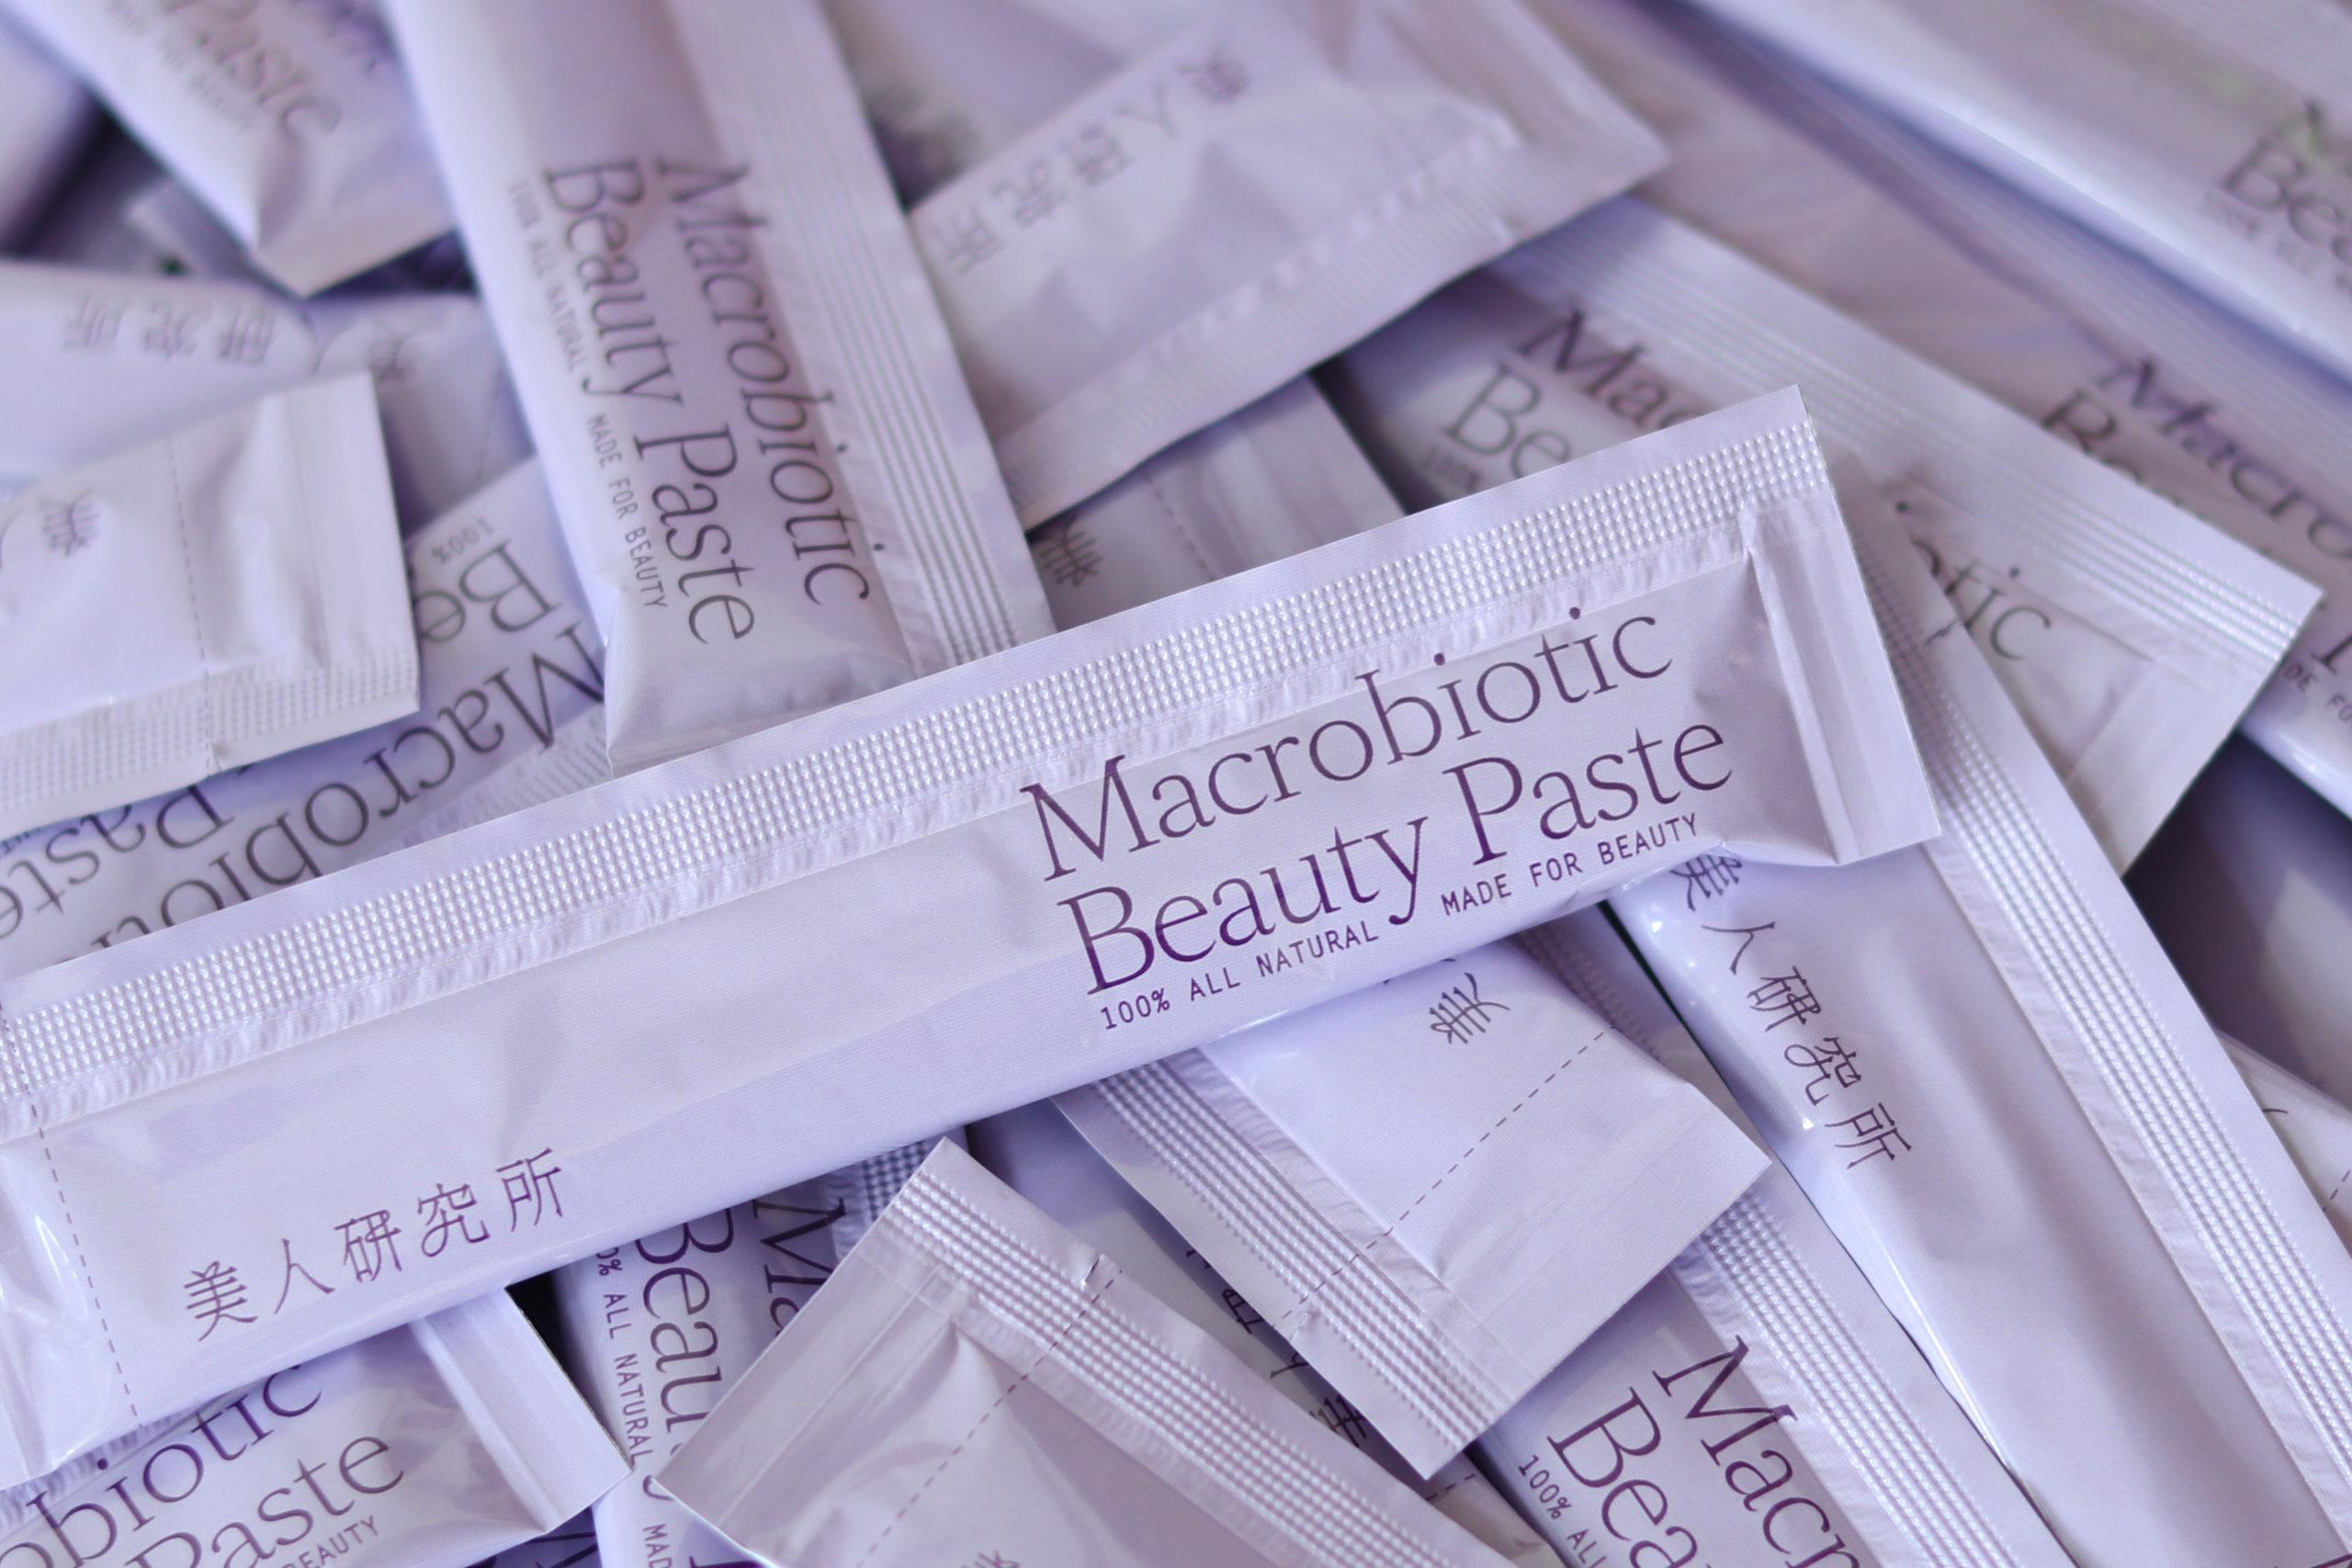 Macrobiotic beauty paste